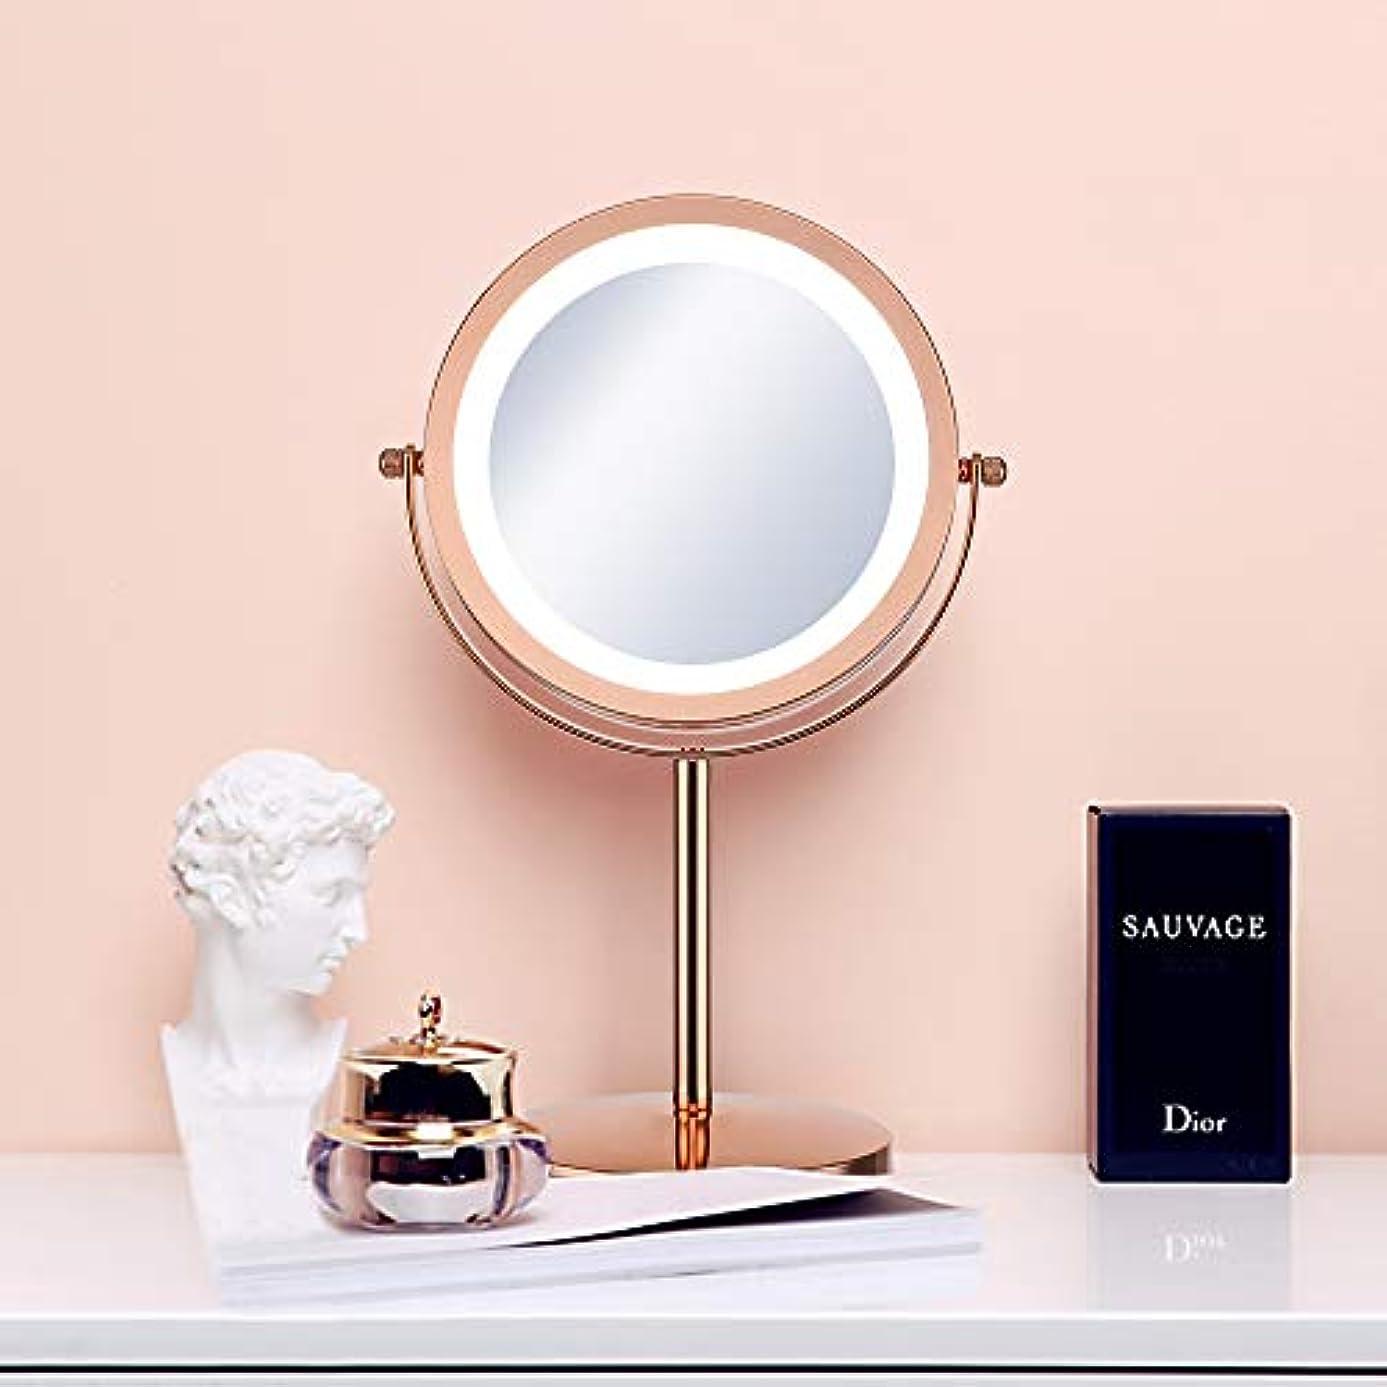 (セーディコ)Cerdeco 西洋風卓上鏡DX レトロなゴールド LEDライト付き 5倍拡大率 両面化粧鏡 スタンドミラー 鏡面φ178mm T710G